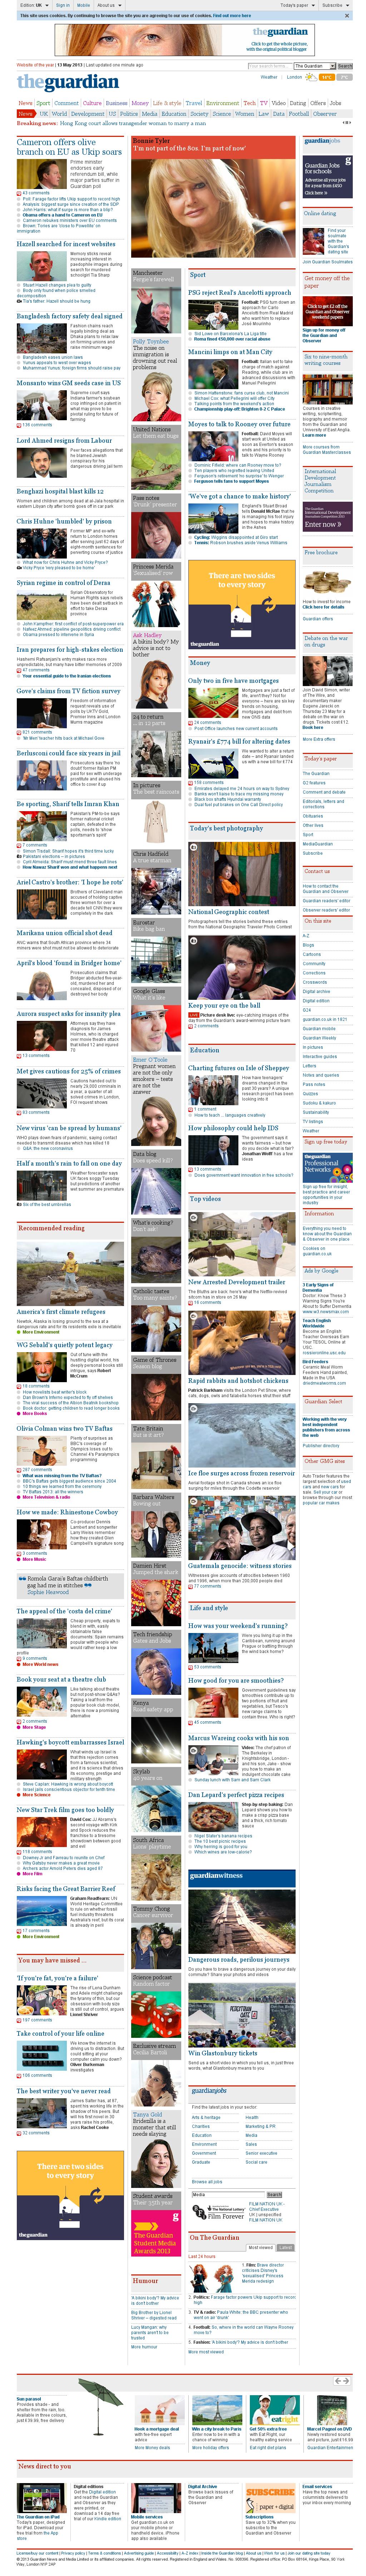 The Guardian at Monday May 13, 2013, 9:08 p.m. UTC